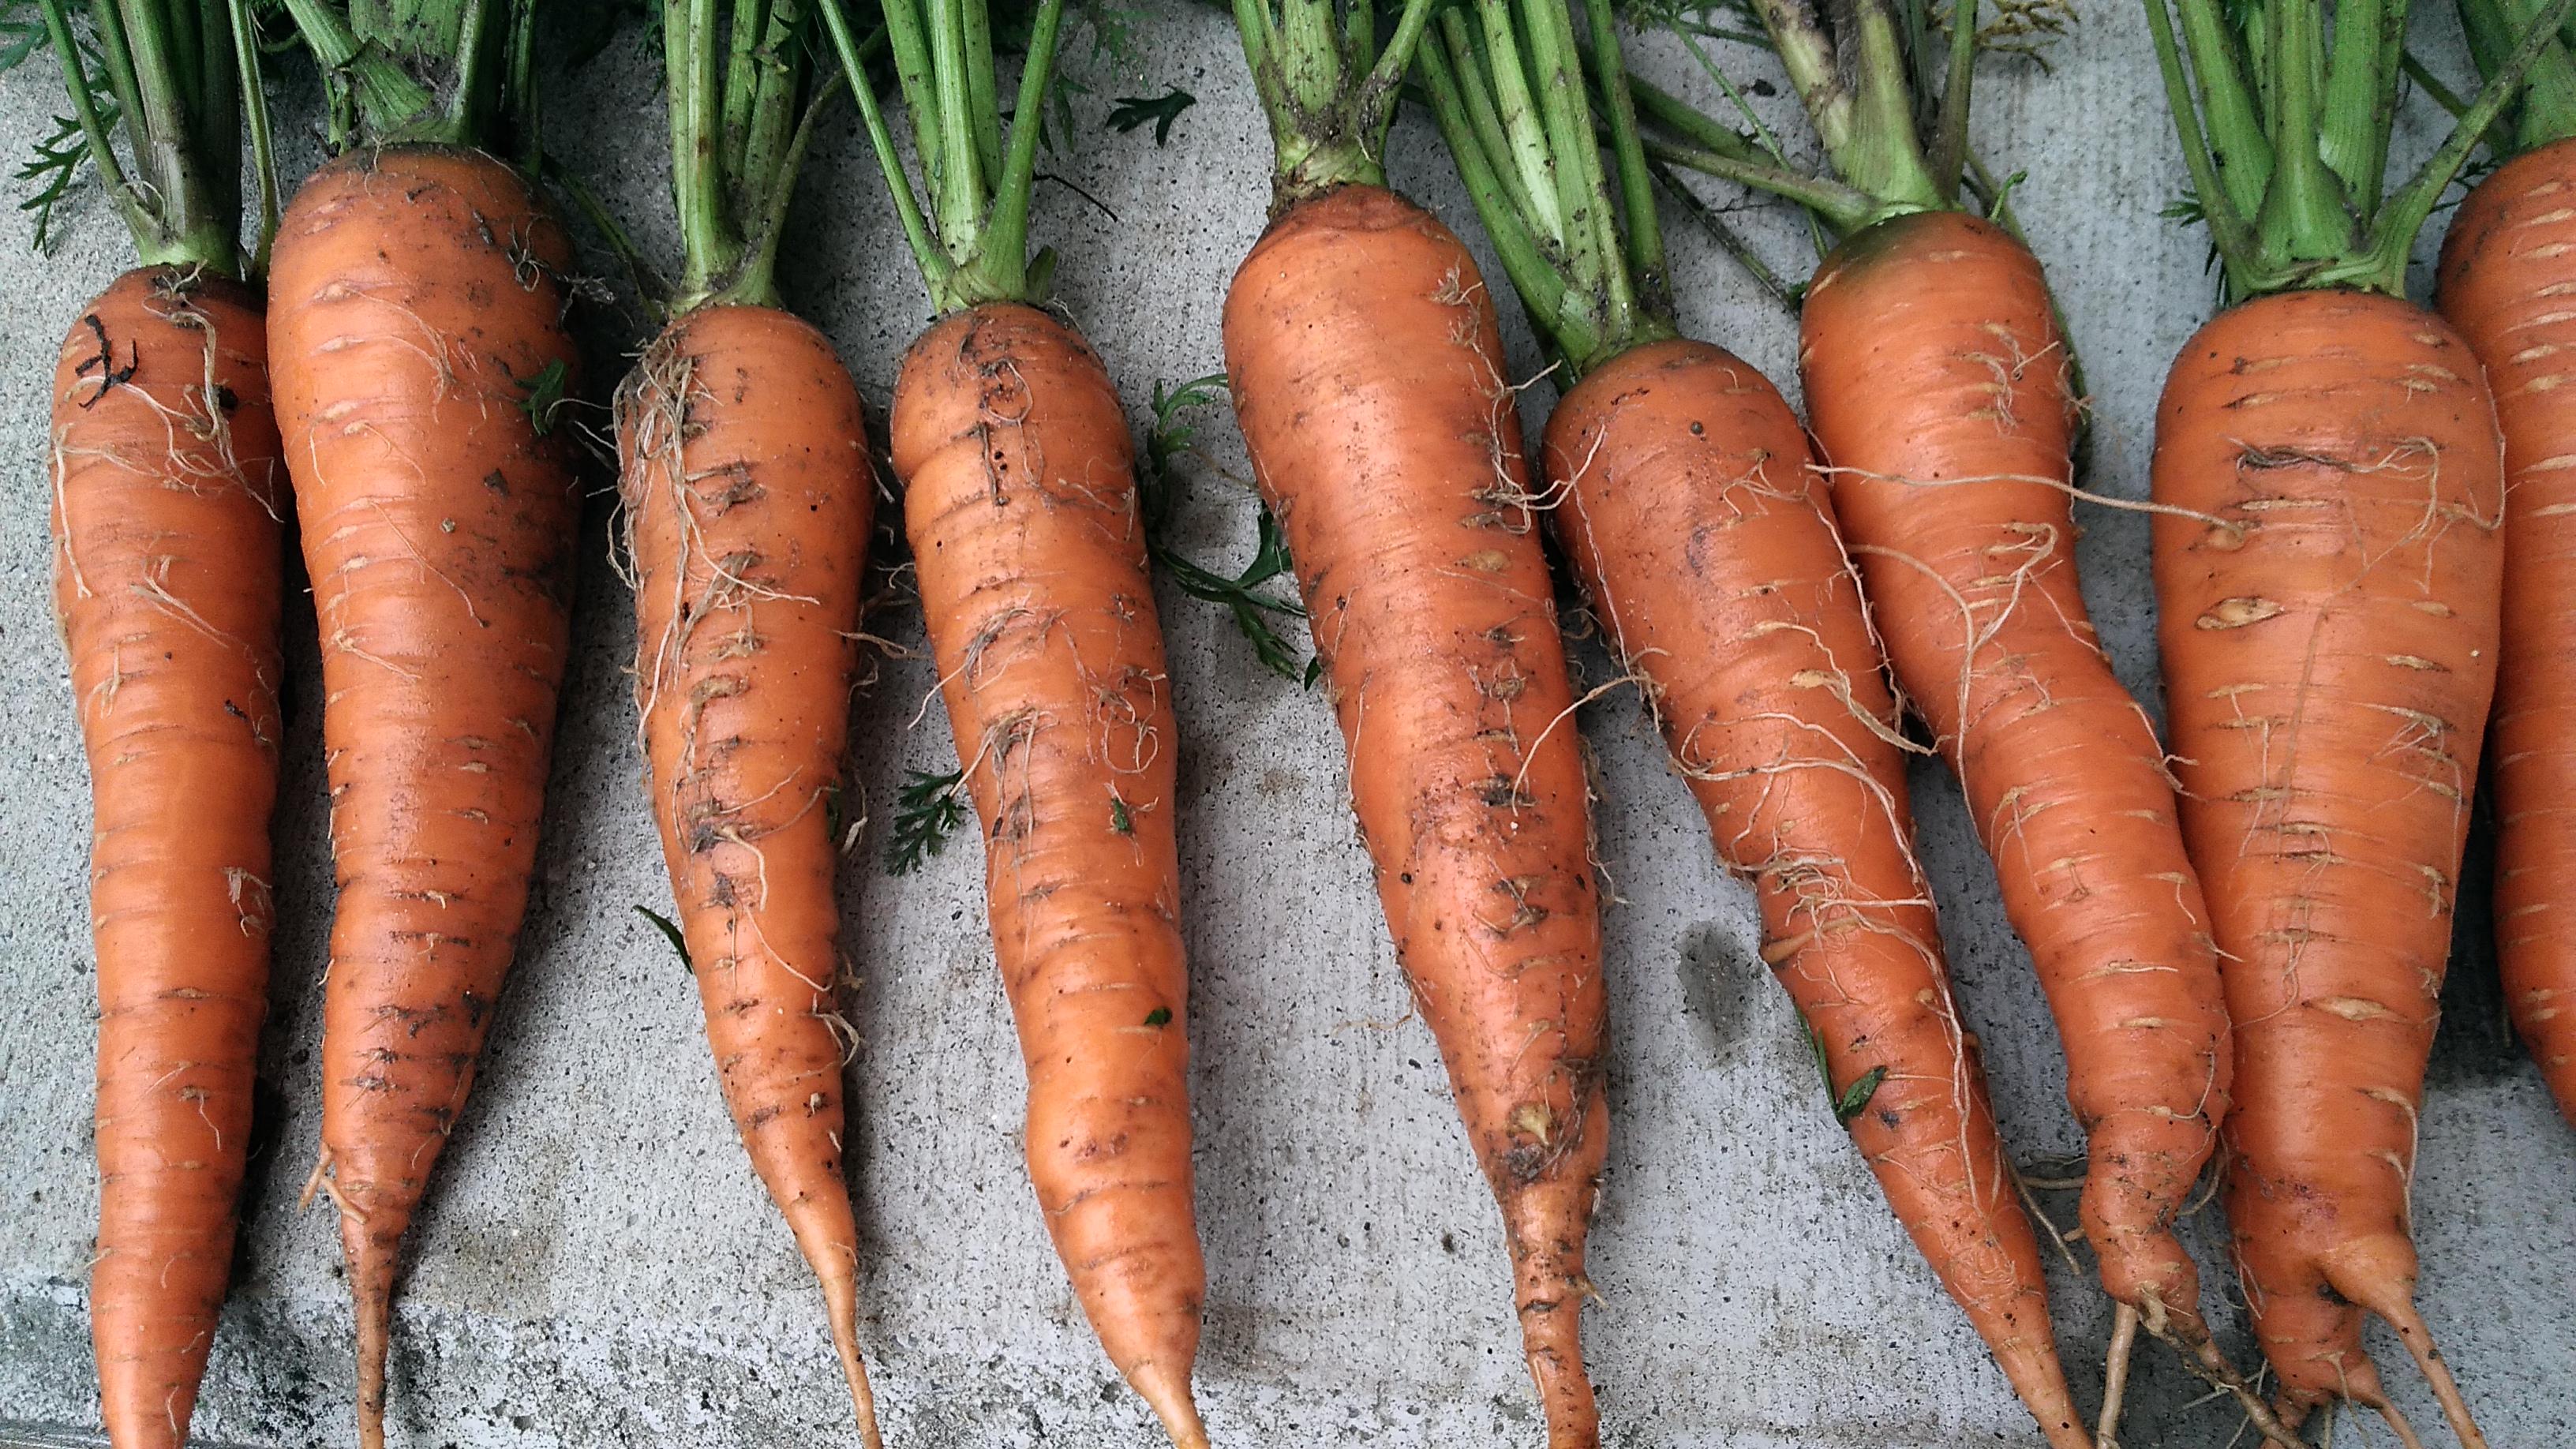 2018年に植える!【おすすめ春夏野菜】と【我が家で植える春夏野菜】のご紹介です。 ーずぼらでもできる家庭菜園ー